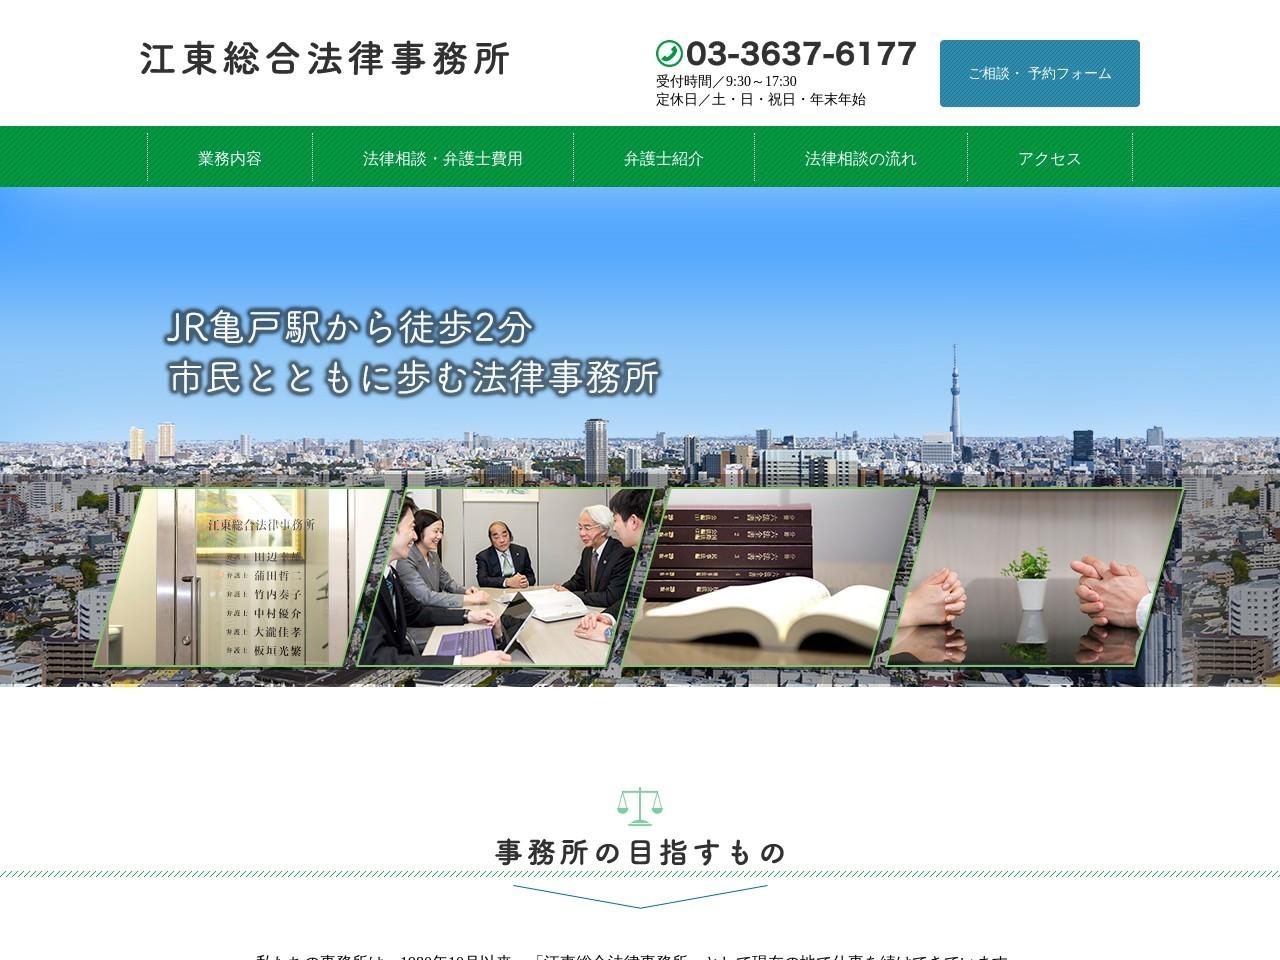 江東総合法律事務所